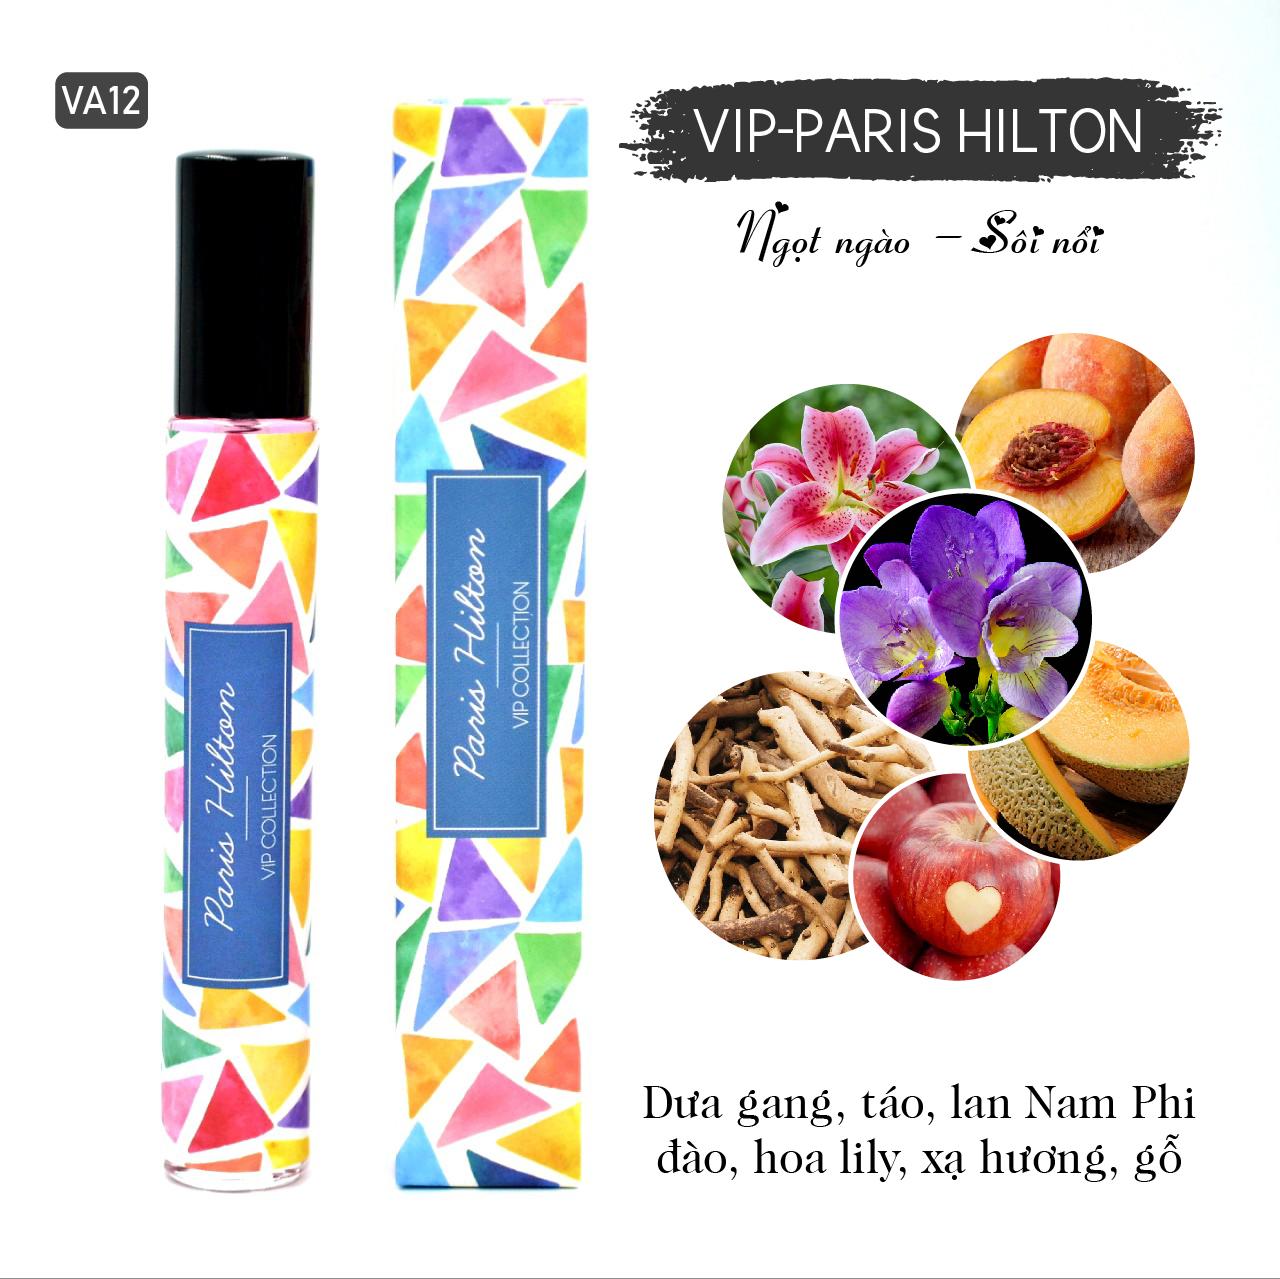 VA12-ParisHilton